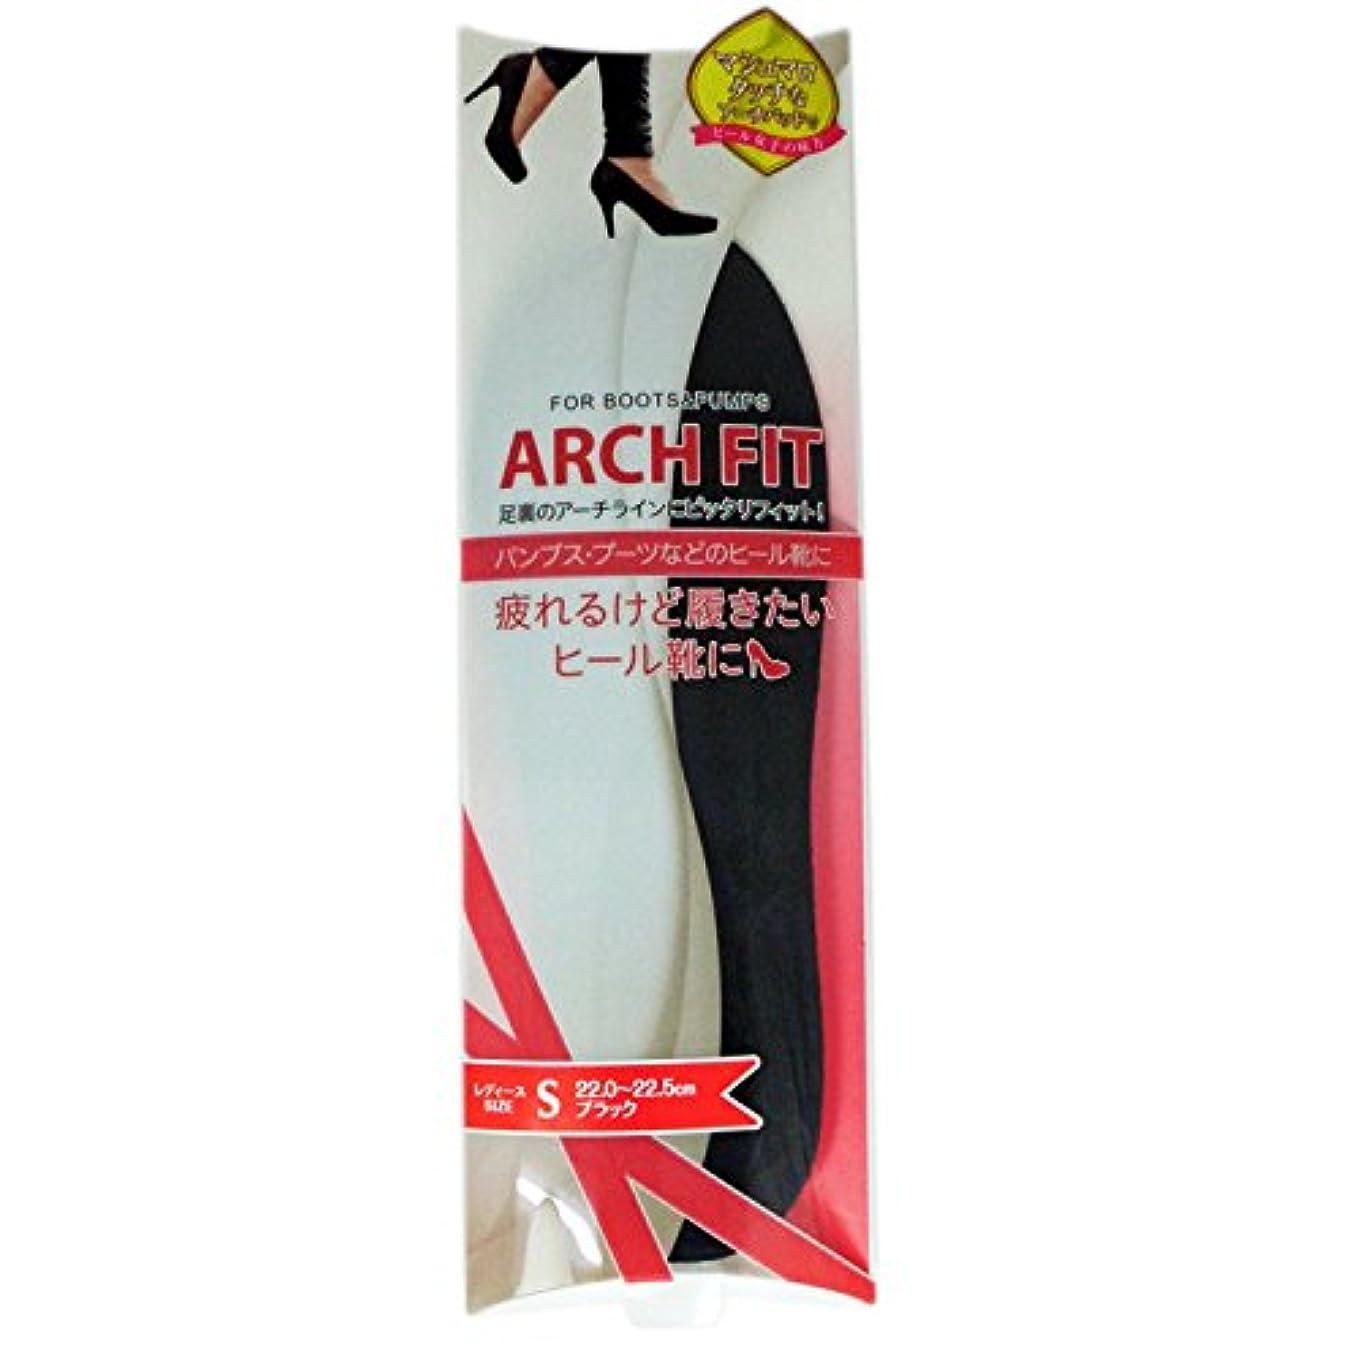 空気スリーブ封筒アーチフィット for Boots&Pumps ブラック Sサイズ